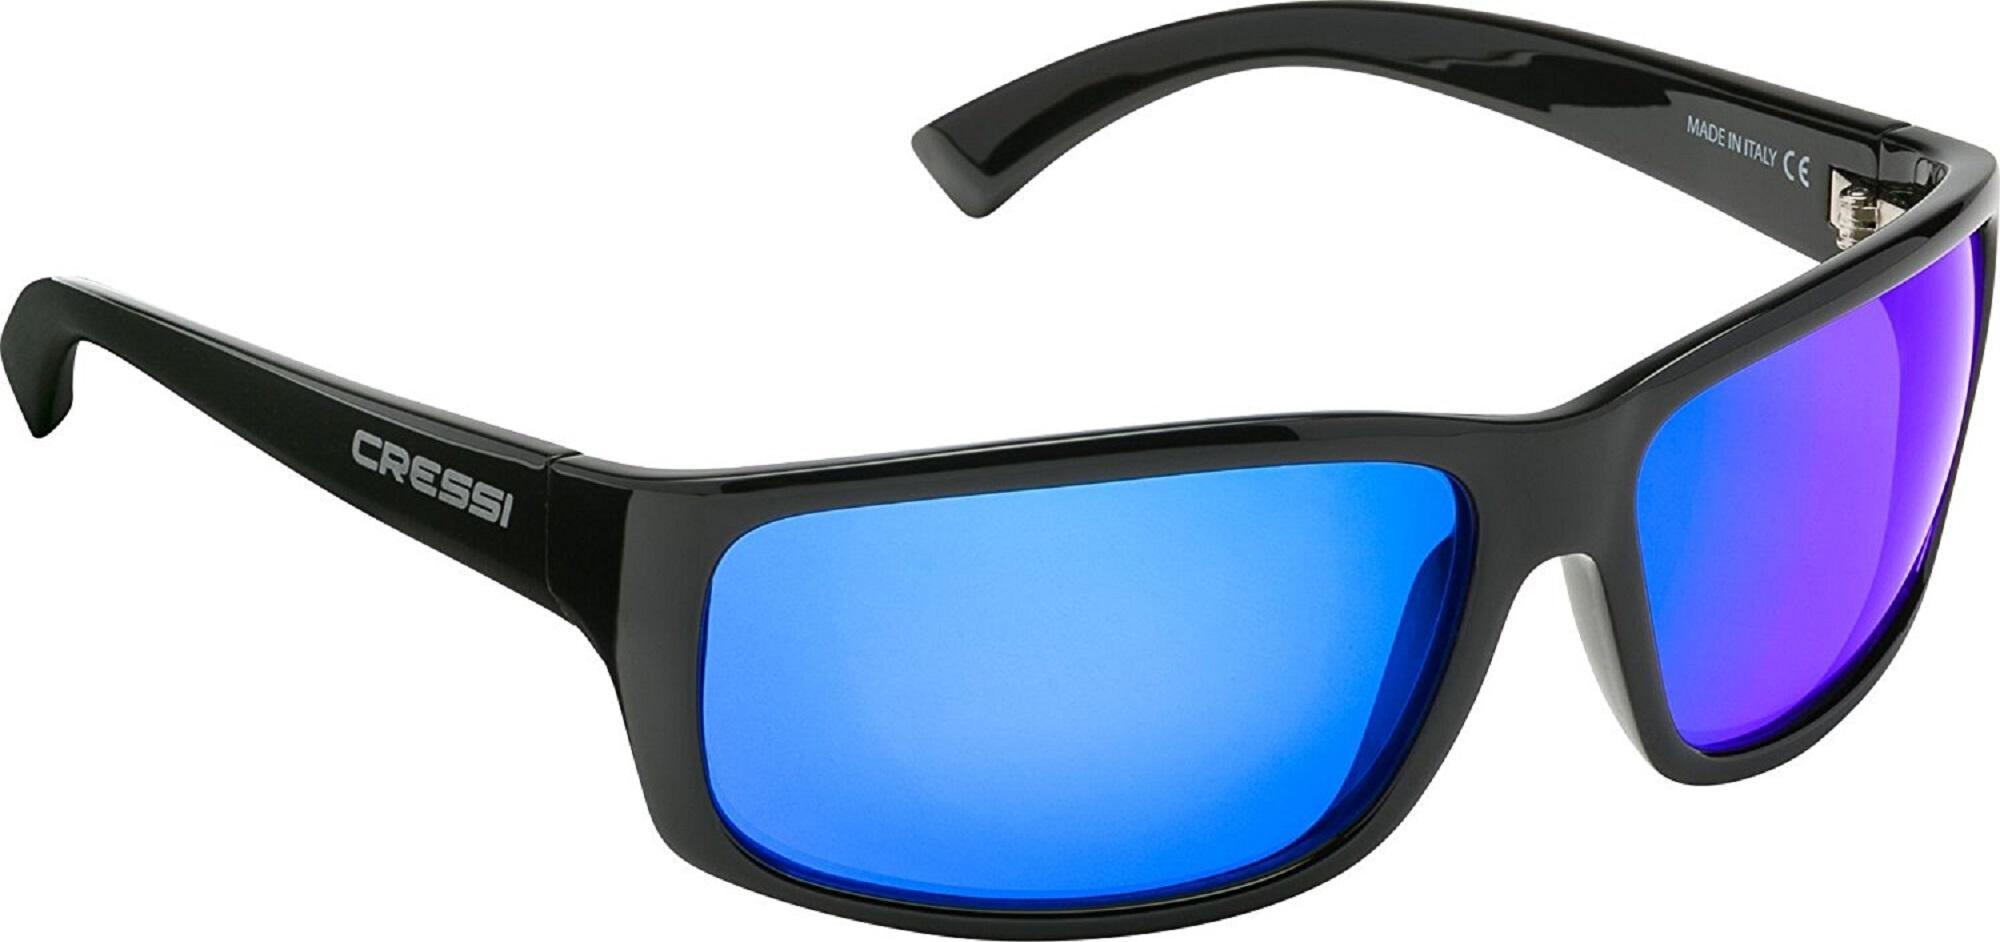 Cressi Sonnenbrille WOLF waIvG